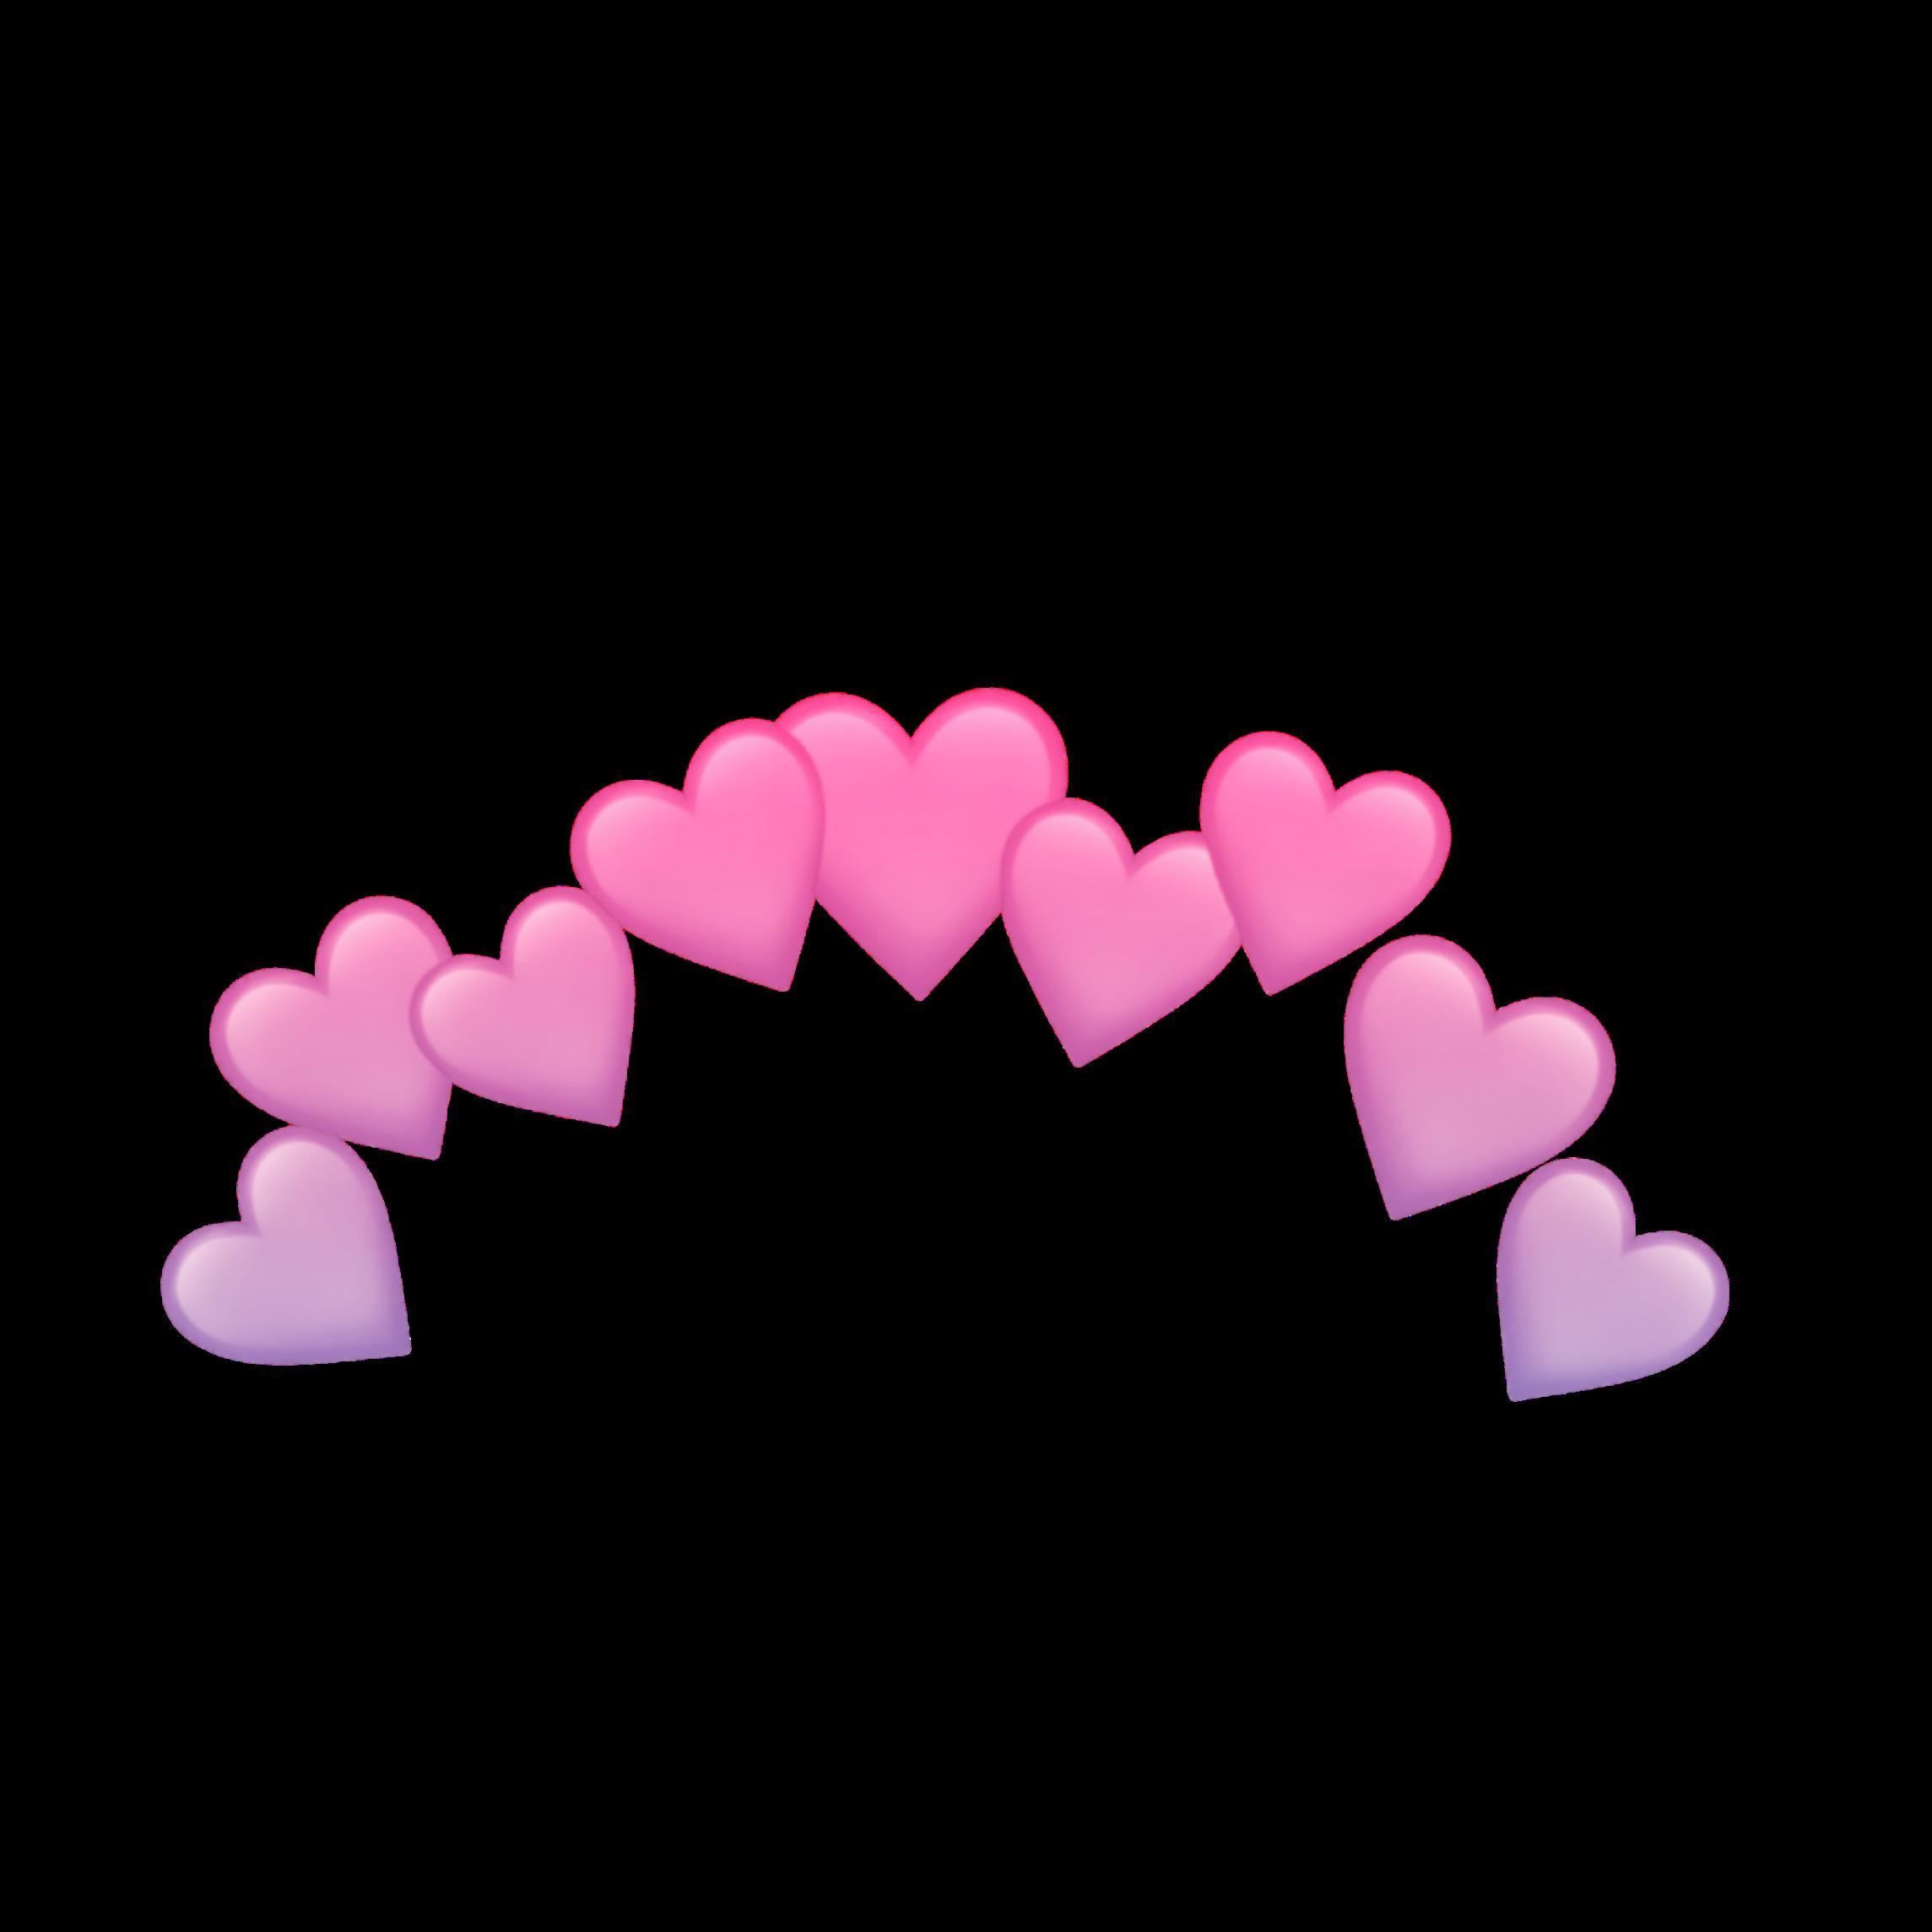 Картинки ободка из сердечек с прозрачным фоном блин